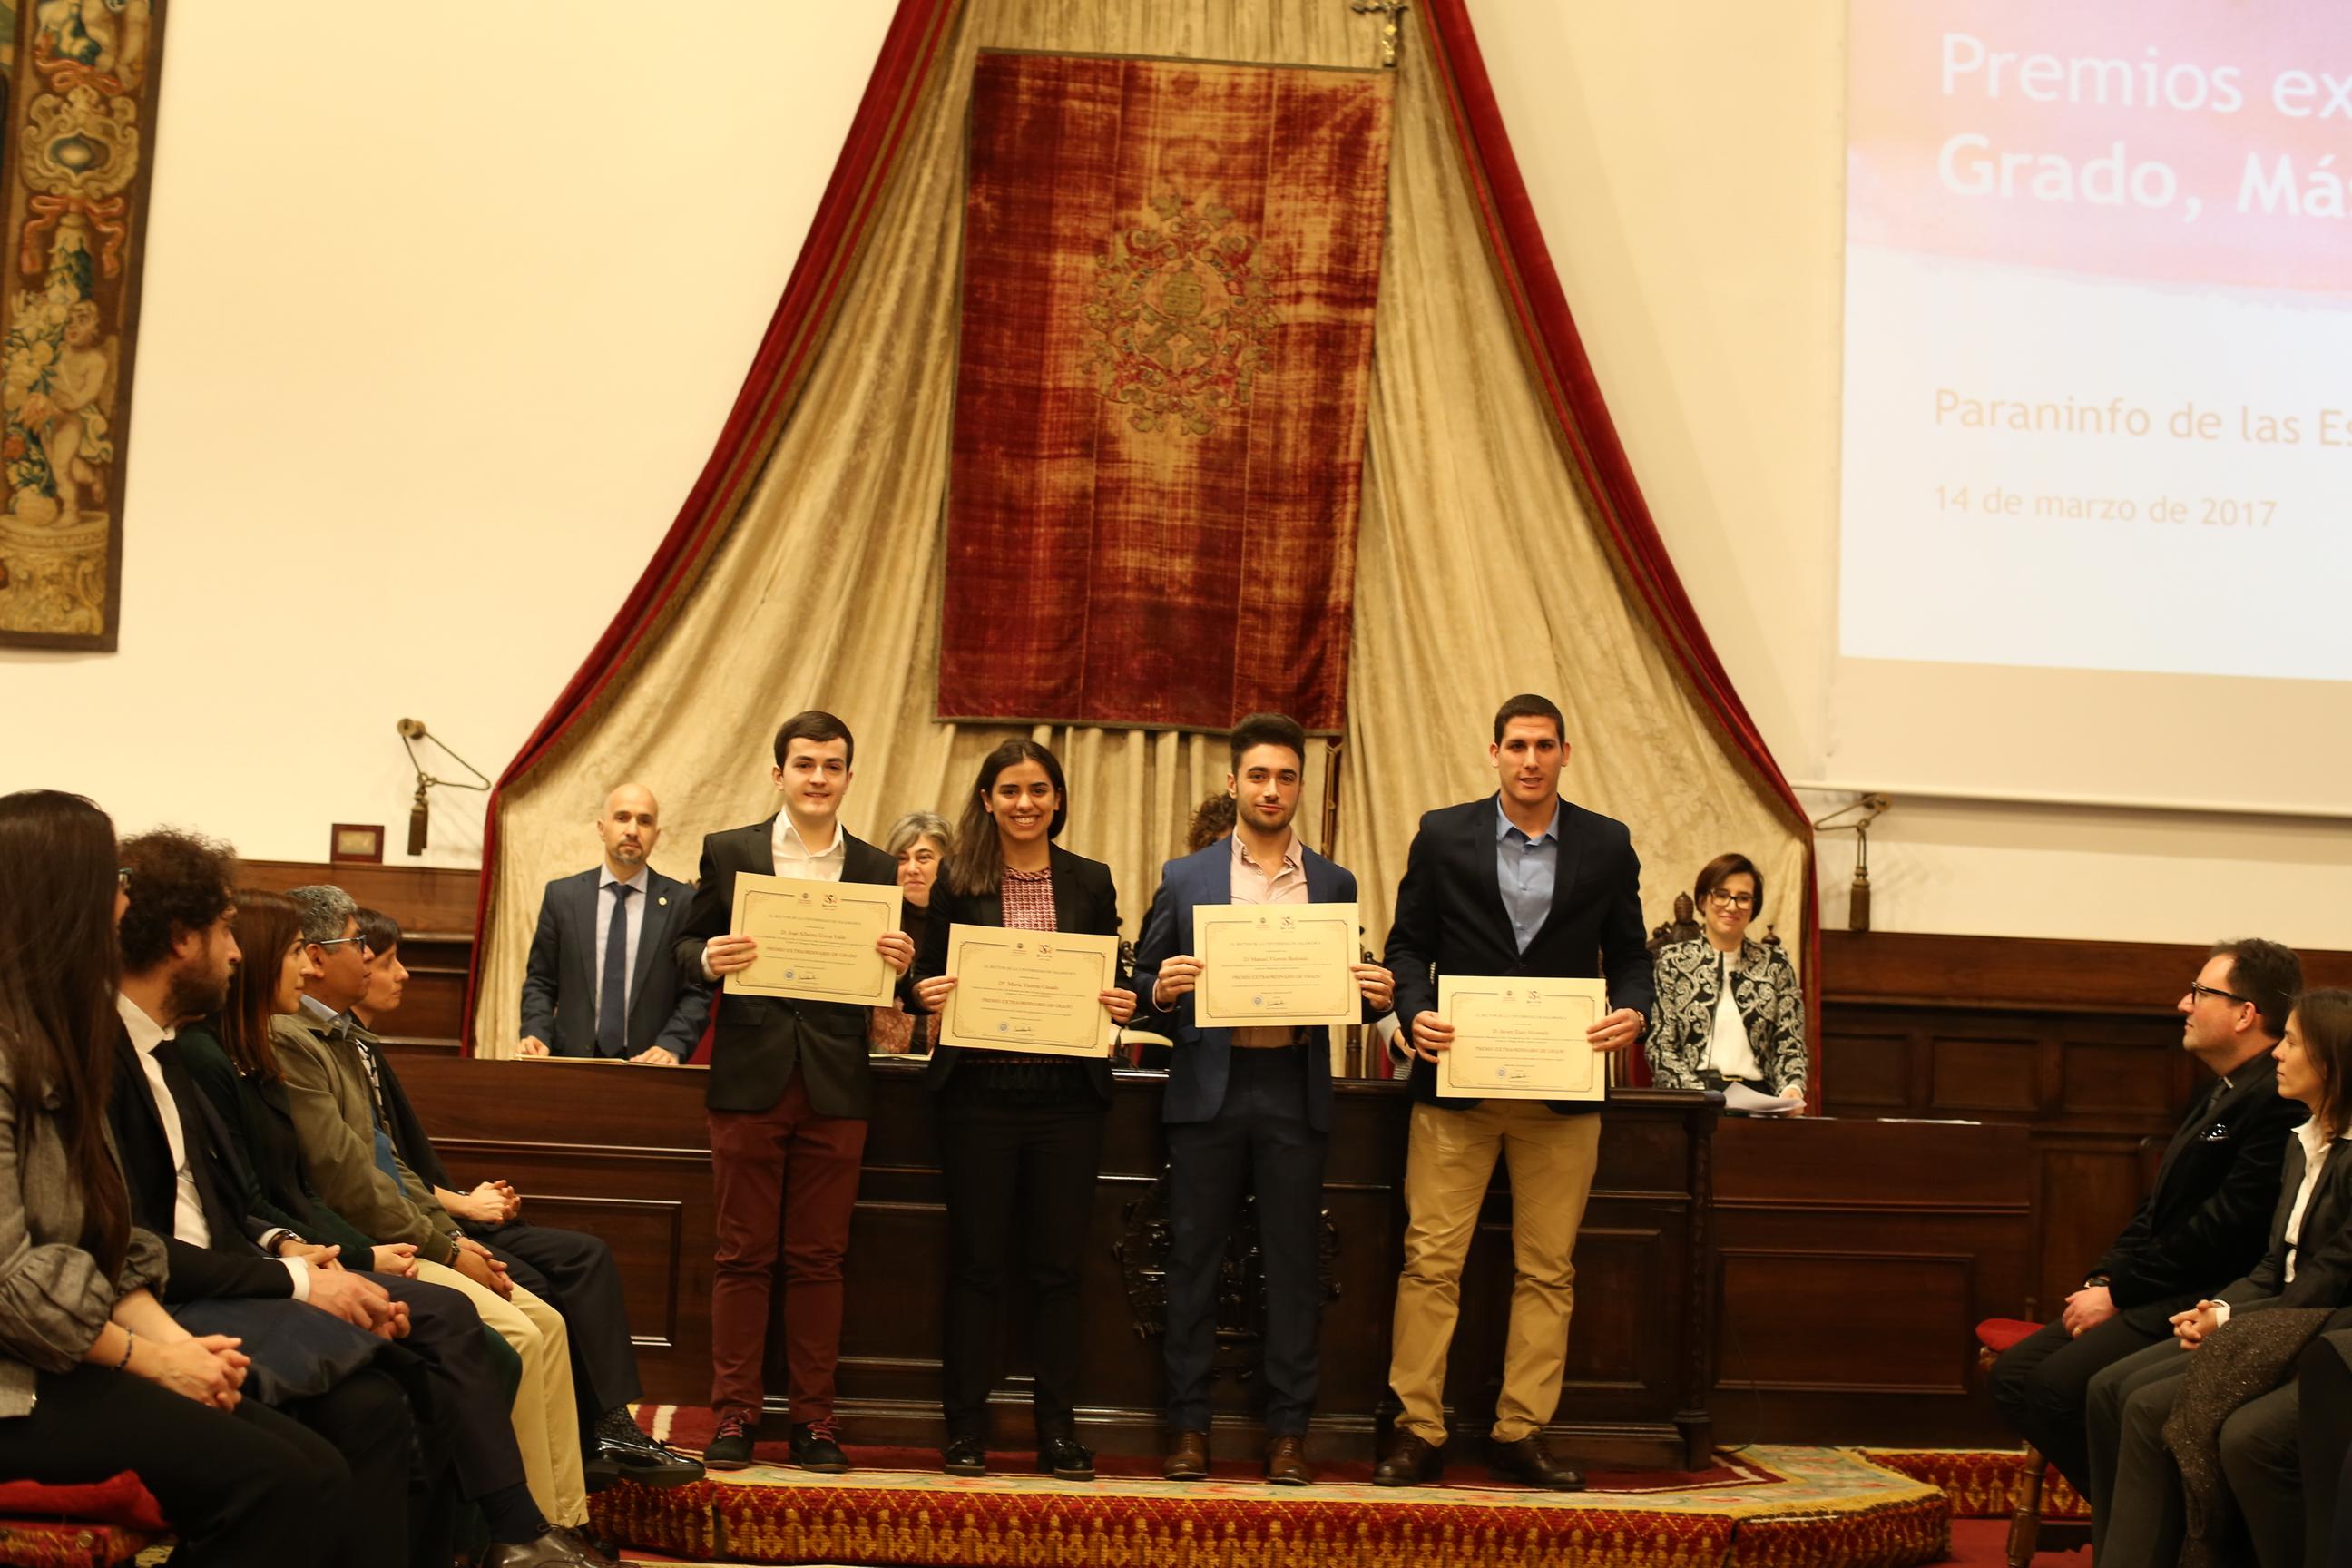 Fotografía de Premio Extraordinario de Grado y de Grado de Salamanca 16